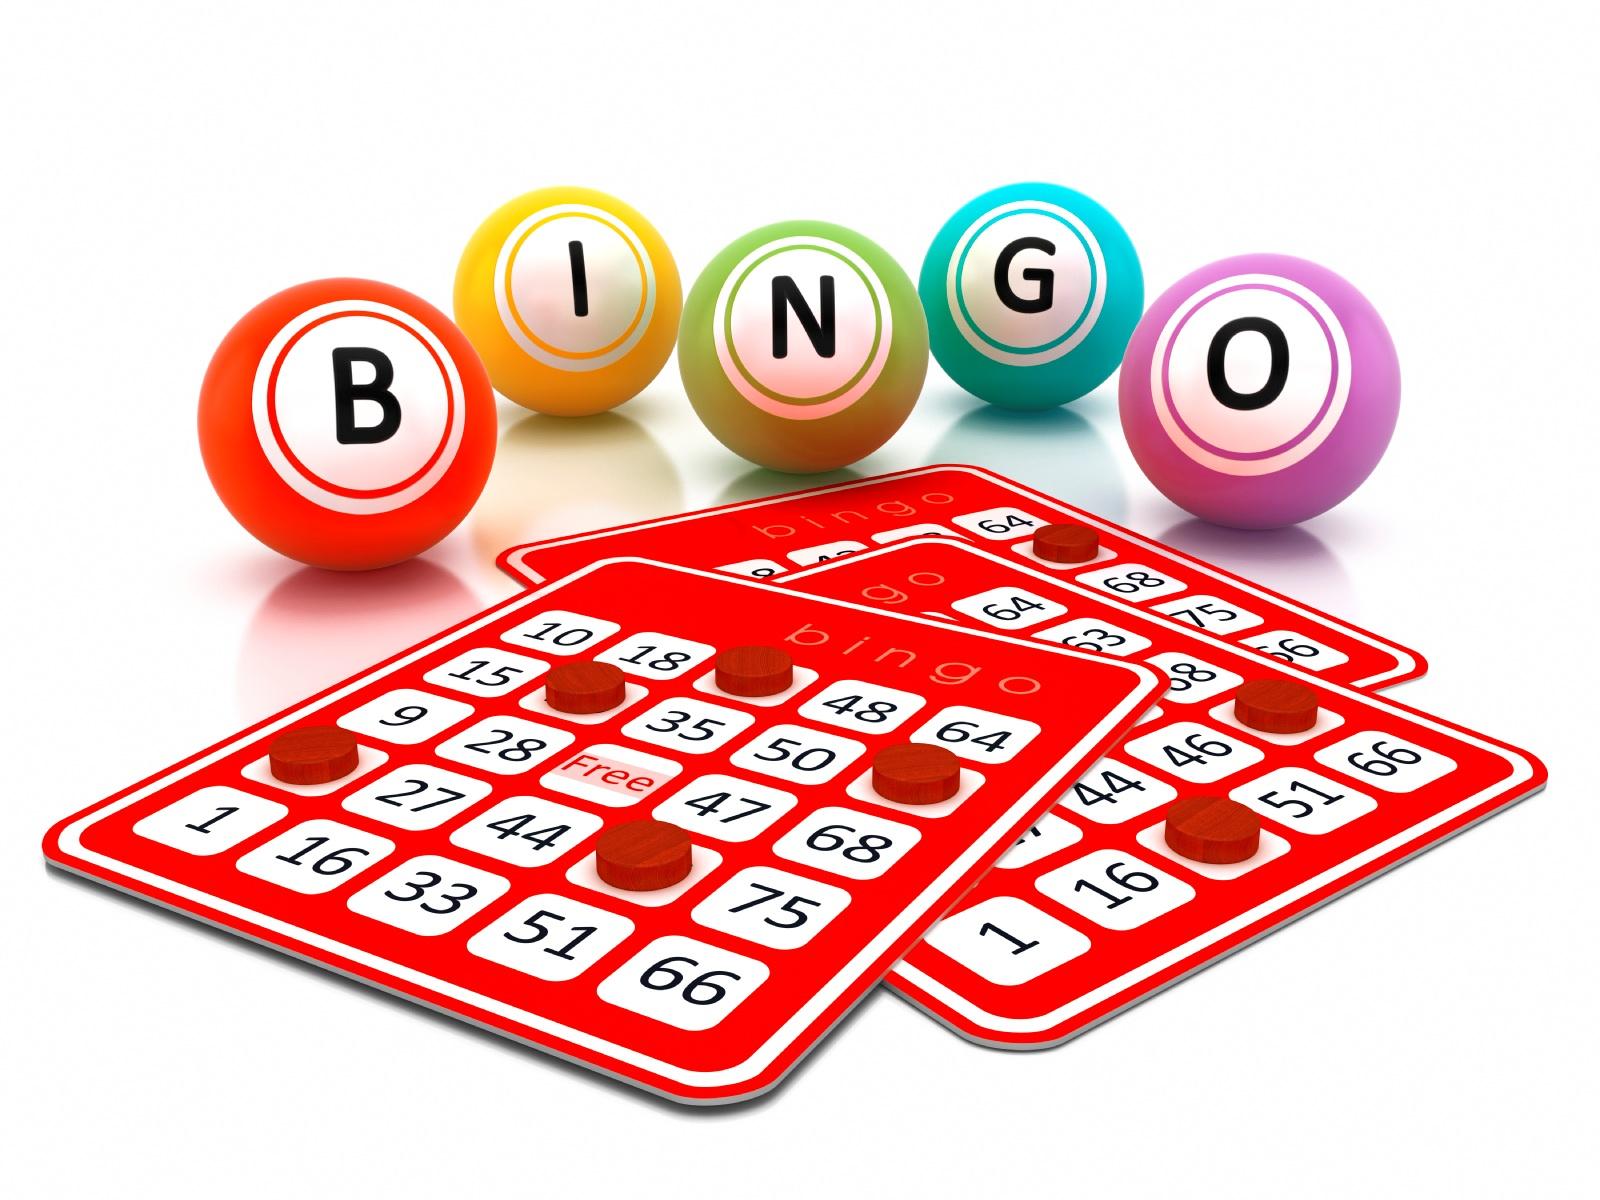 Bingo Logos Clipart.